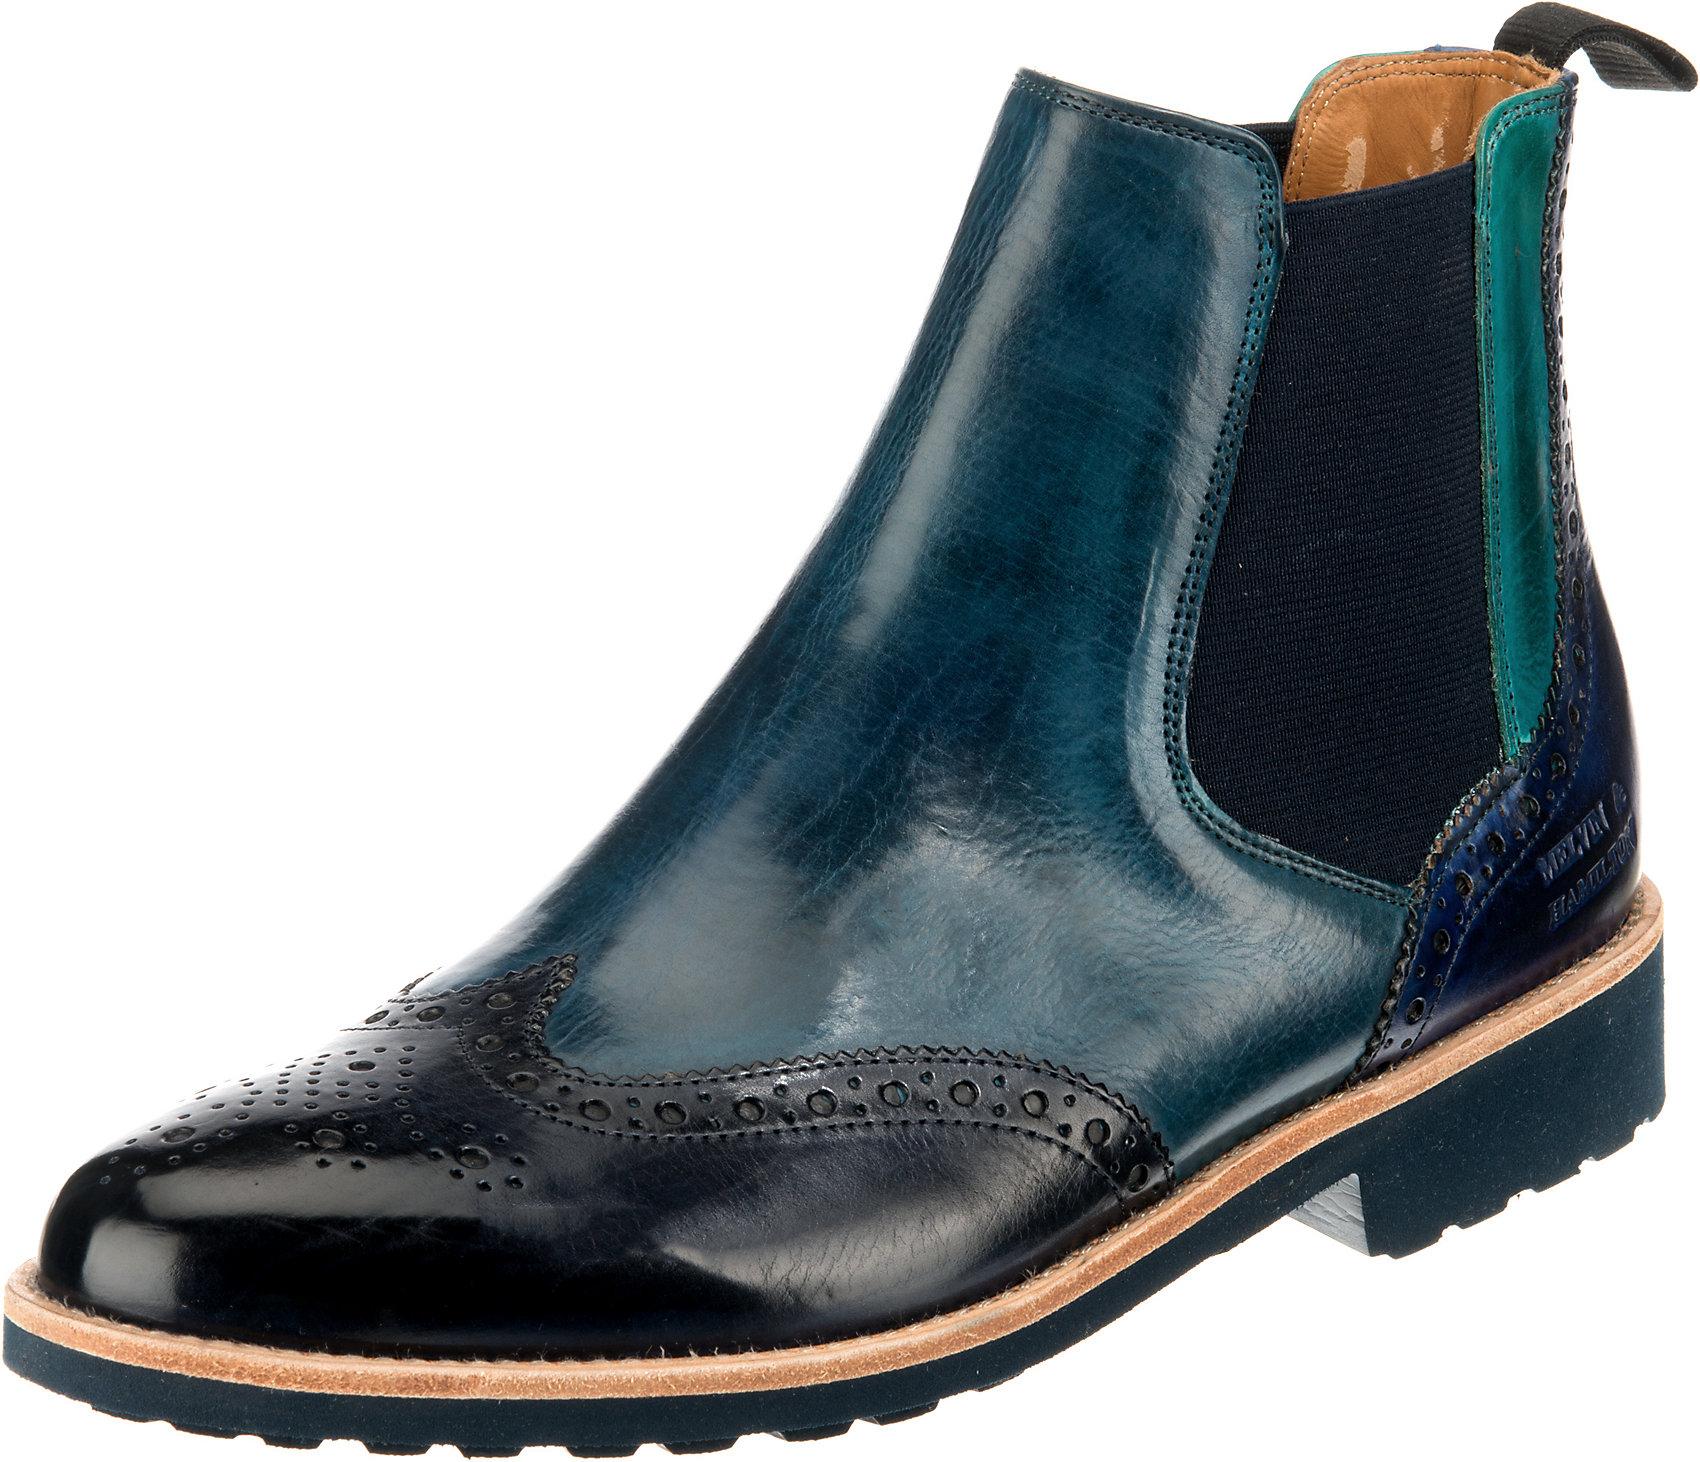 abwechslungsreiche neueste Designs neuer Stil & Luxus online Shop Details zu Neu MELVIN & HAMILTON Selina 6 Chelsea Boots 11627332 für Damen  blau